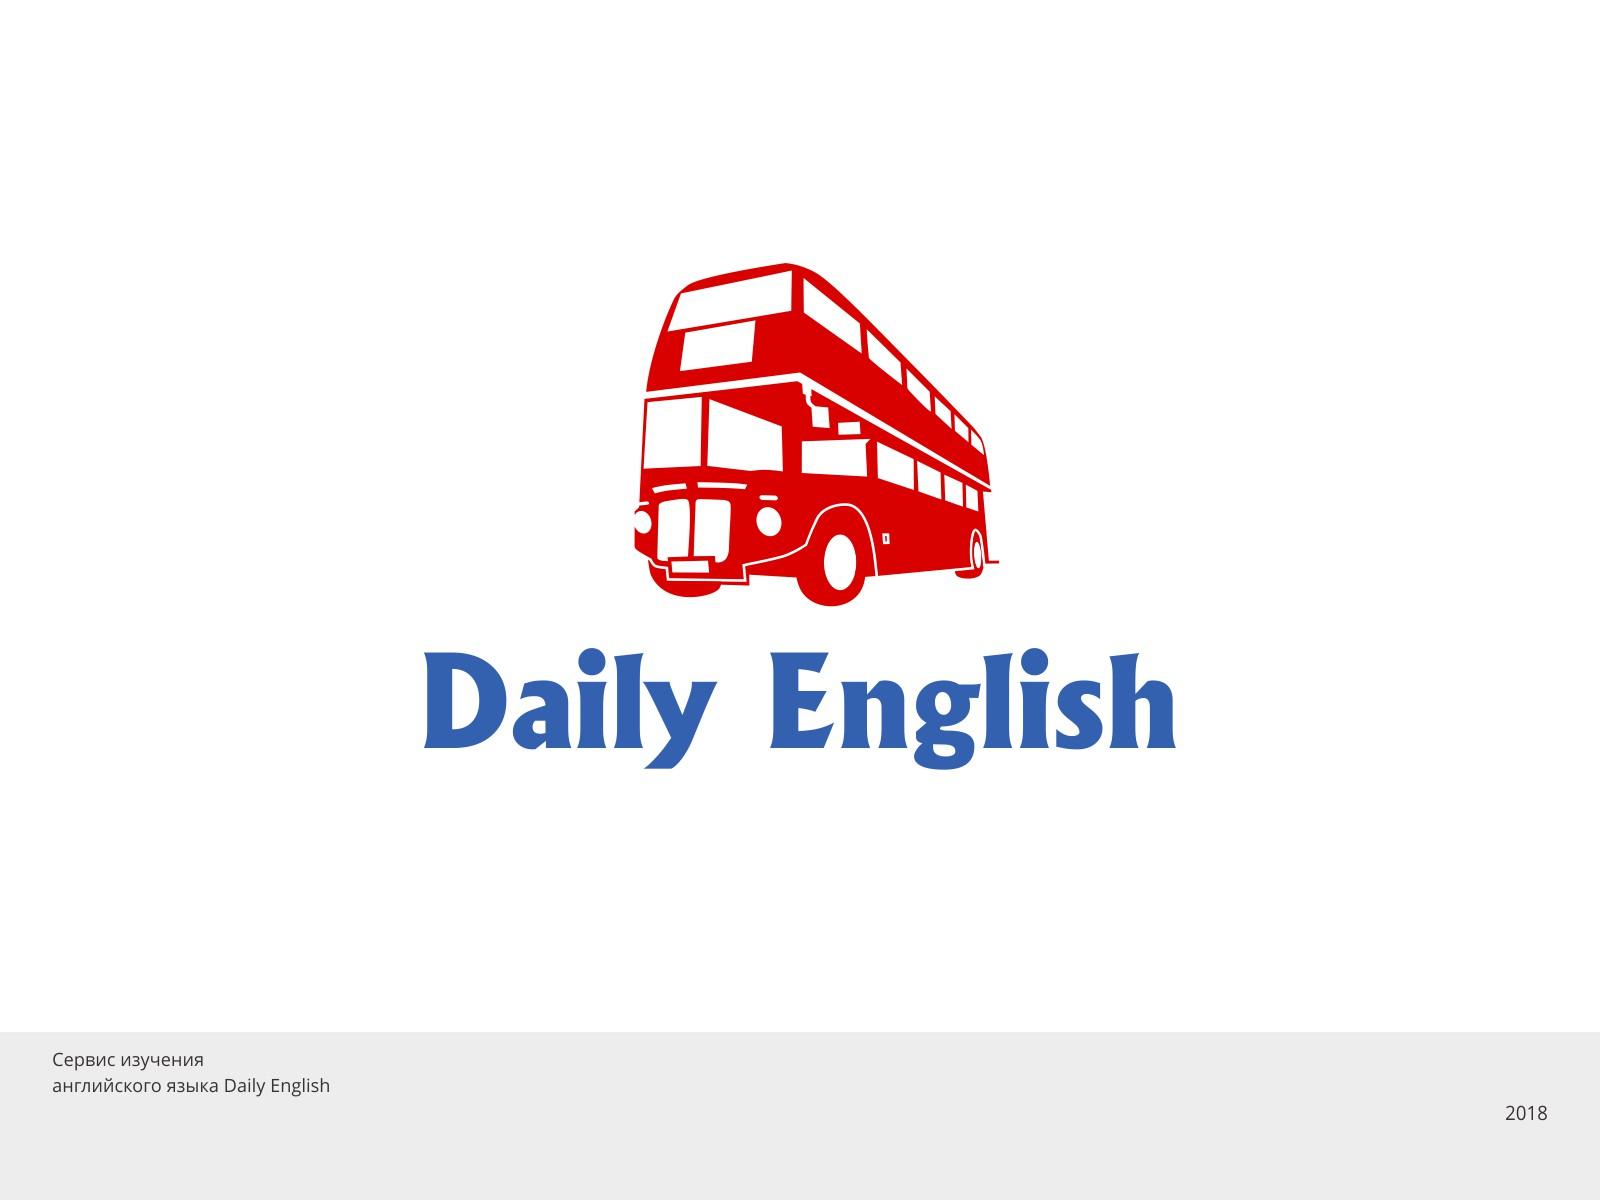 Логотип Daily English